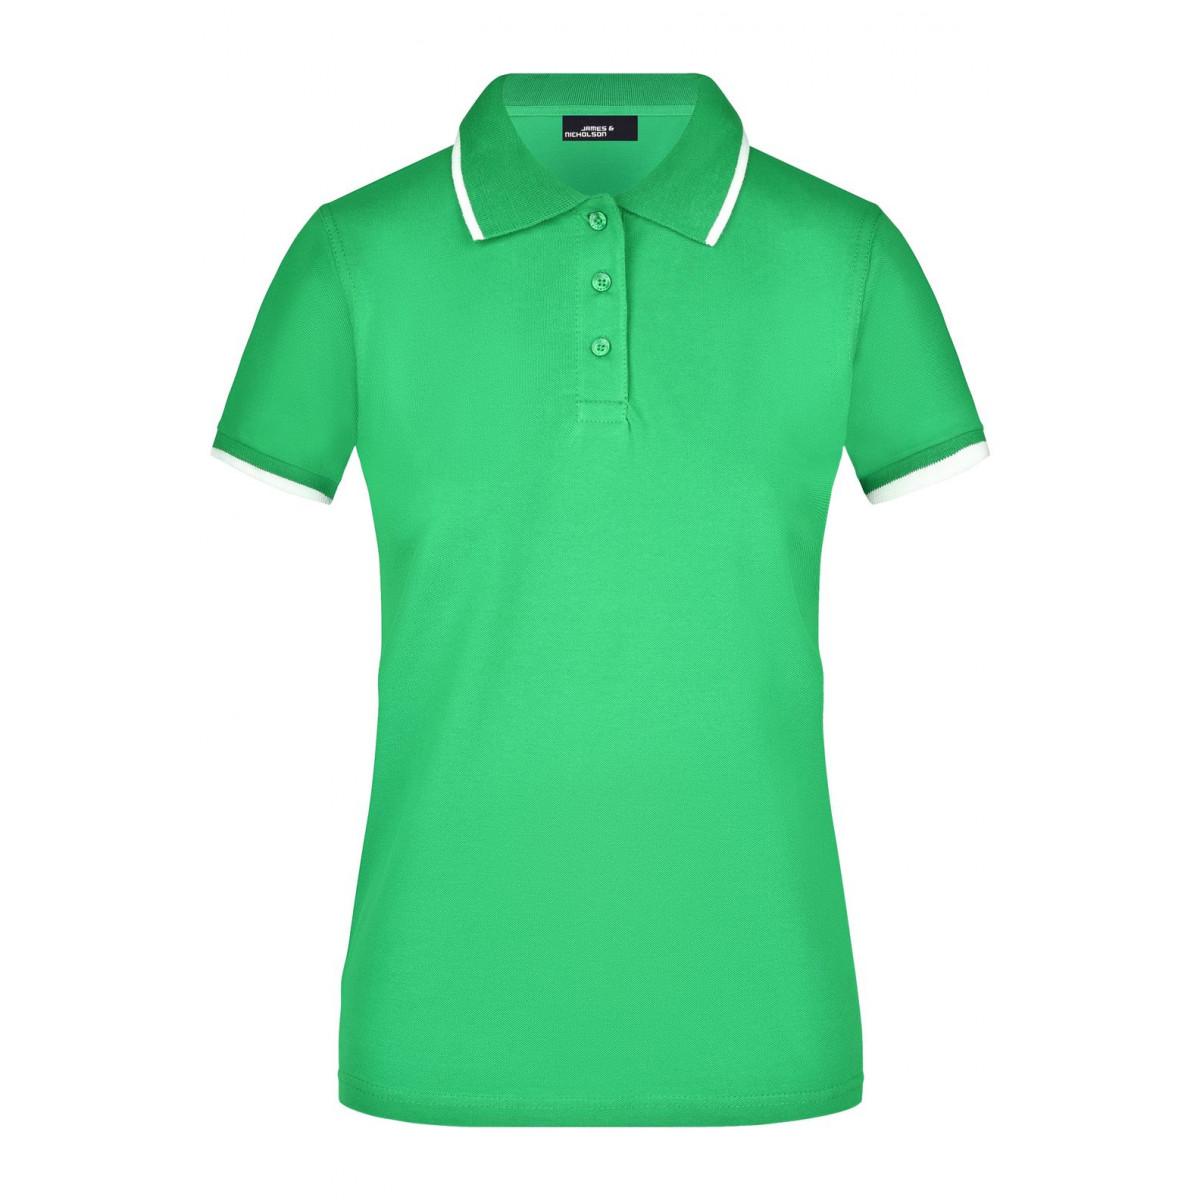 Рубашка поло женская JN934 Ladies Polo Tipping - Насыщенный зеленый/Белый